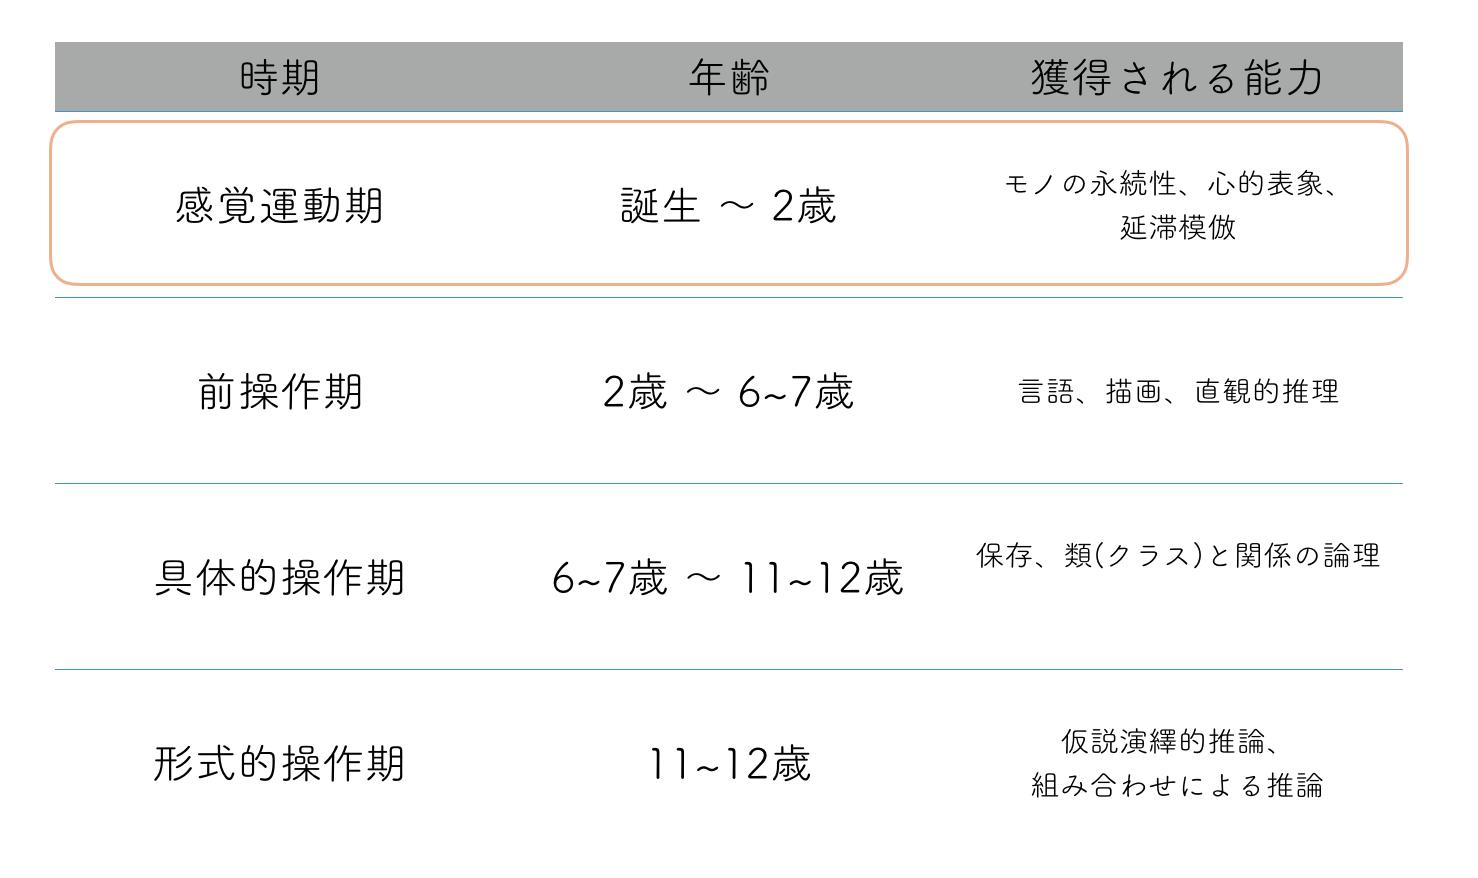 臼井隆志 Takashi Usui Blog ピアジェの 感覚運動期 と触感の遊び